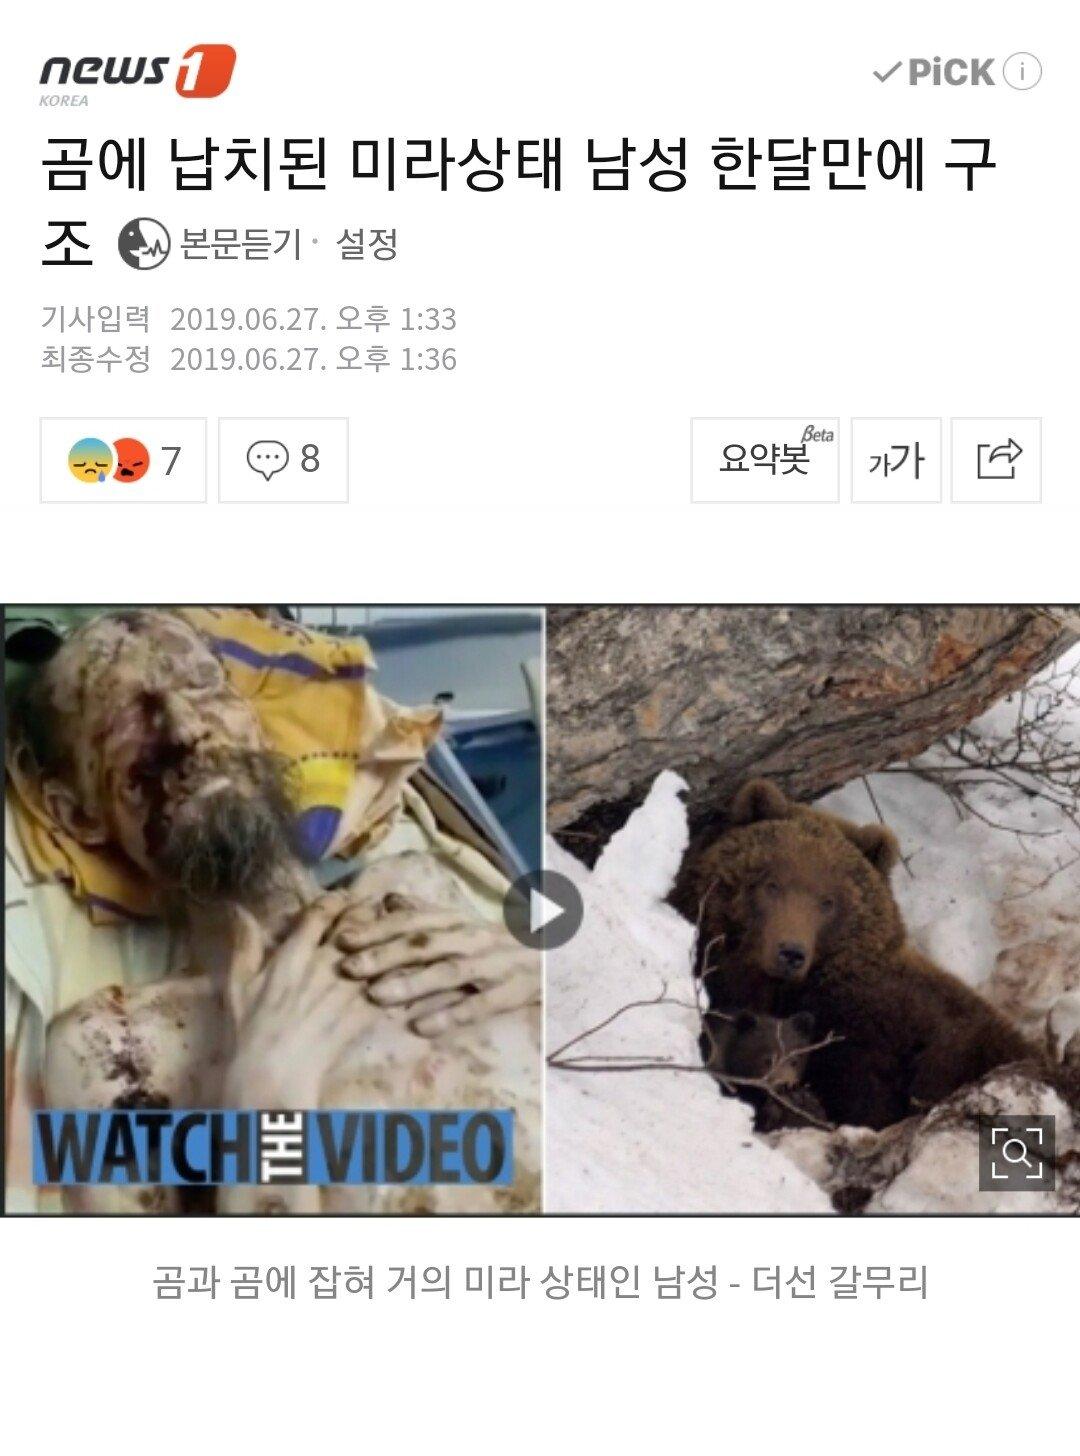 Screenshot_20190627-134431_NAVER.jpg 곰에 납치되 한달만에 구조된남성